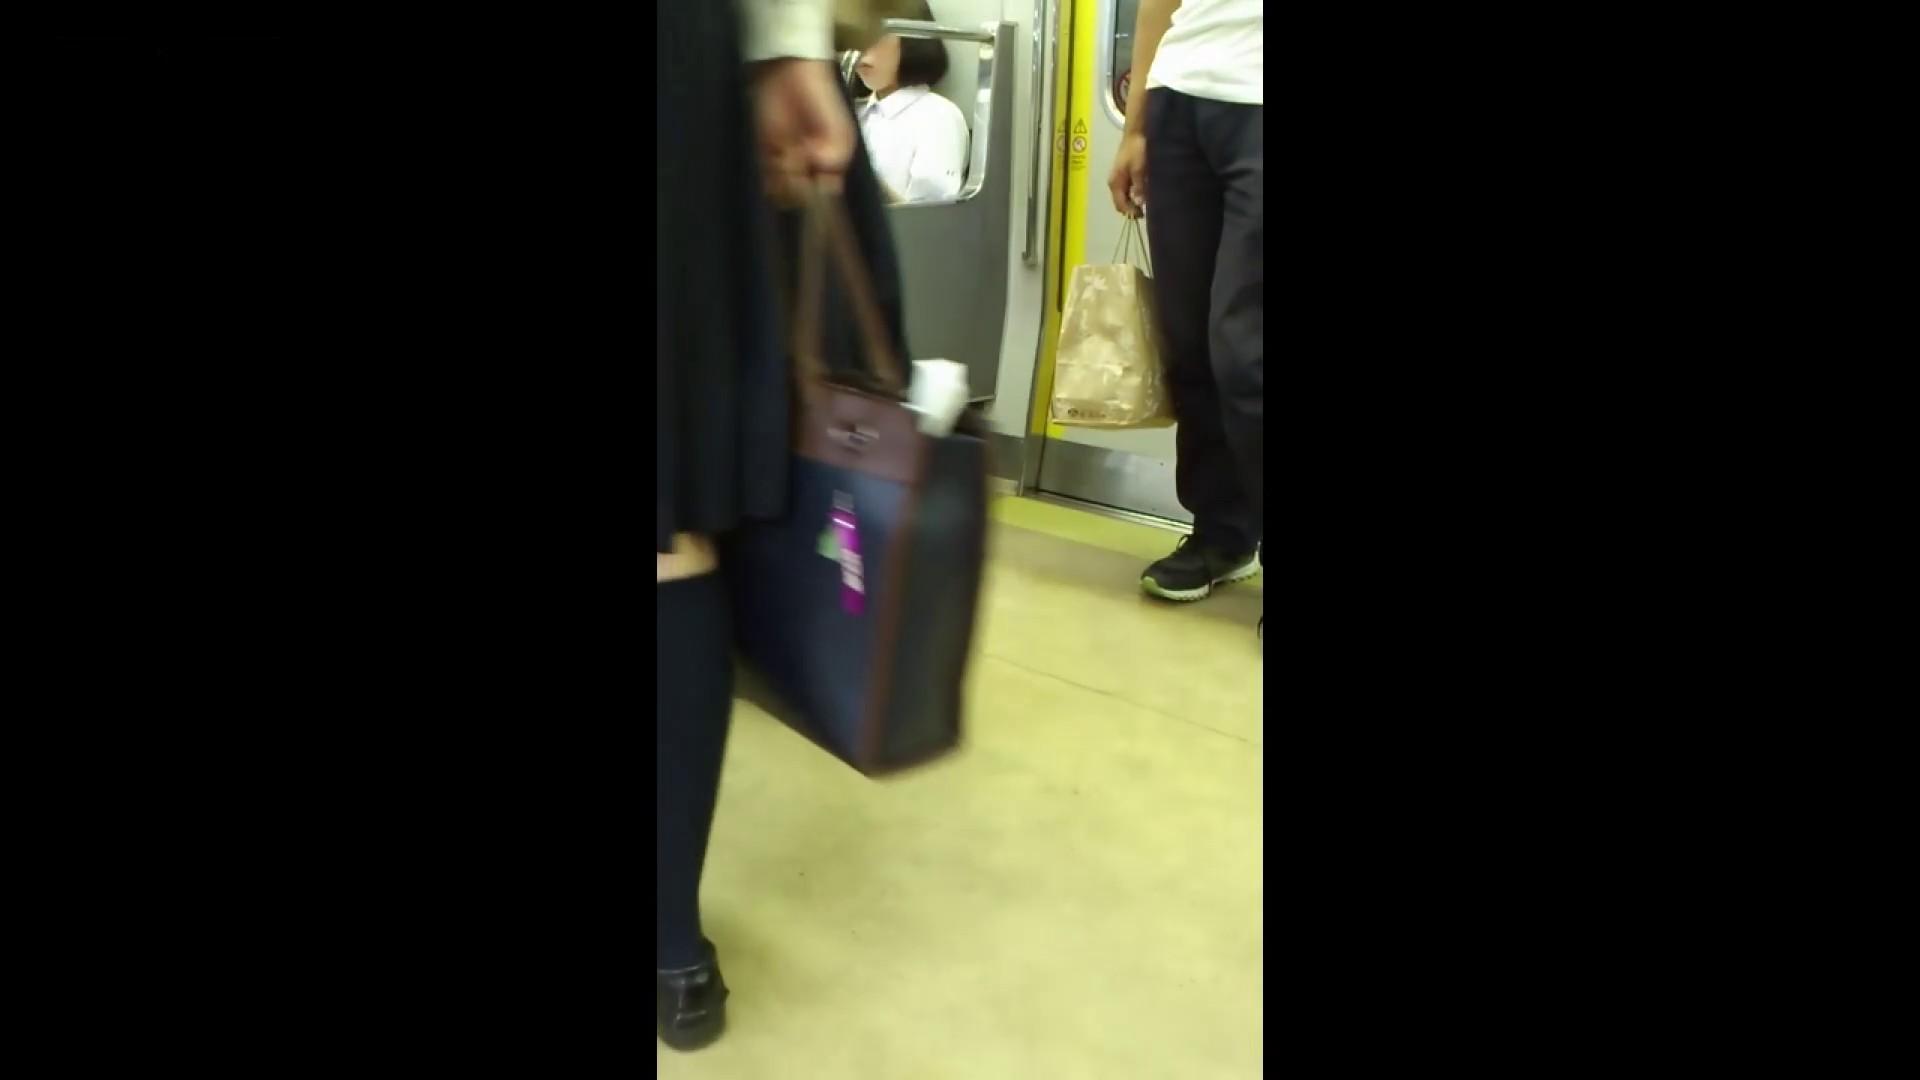 盗撮列車 vol.05 制月反のスカートの中が…見たいです。 期間限定 のぞきおめこ無修正画像 42pic 39